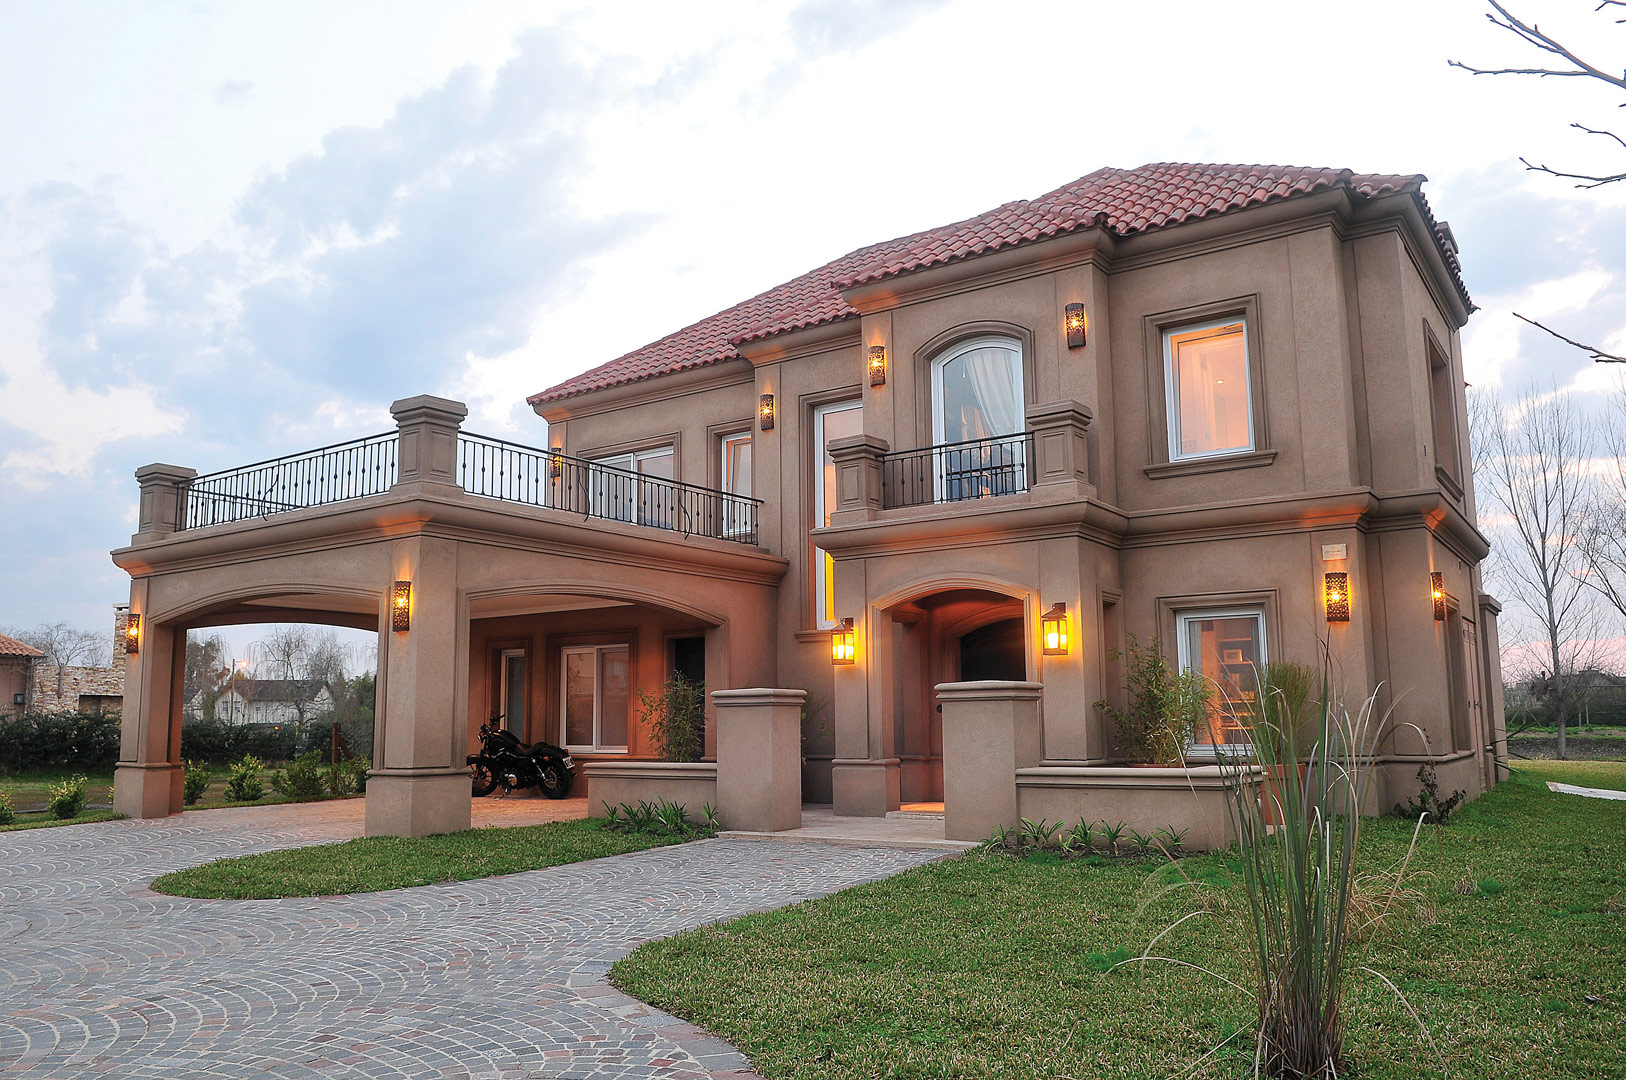 Fern ndez borda arquitectura casa estilo cl sico arquitectos - Casas clasicas modernas ...